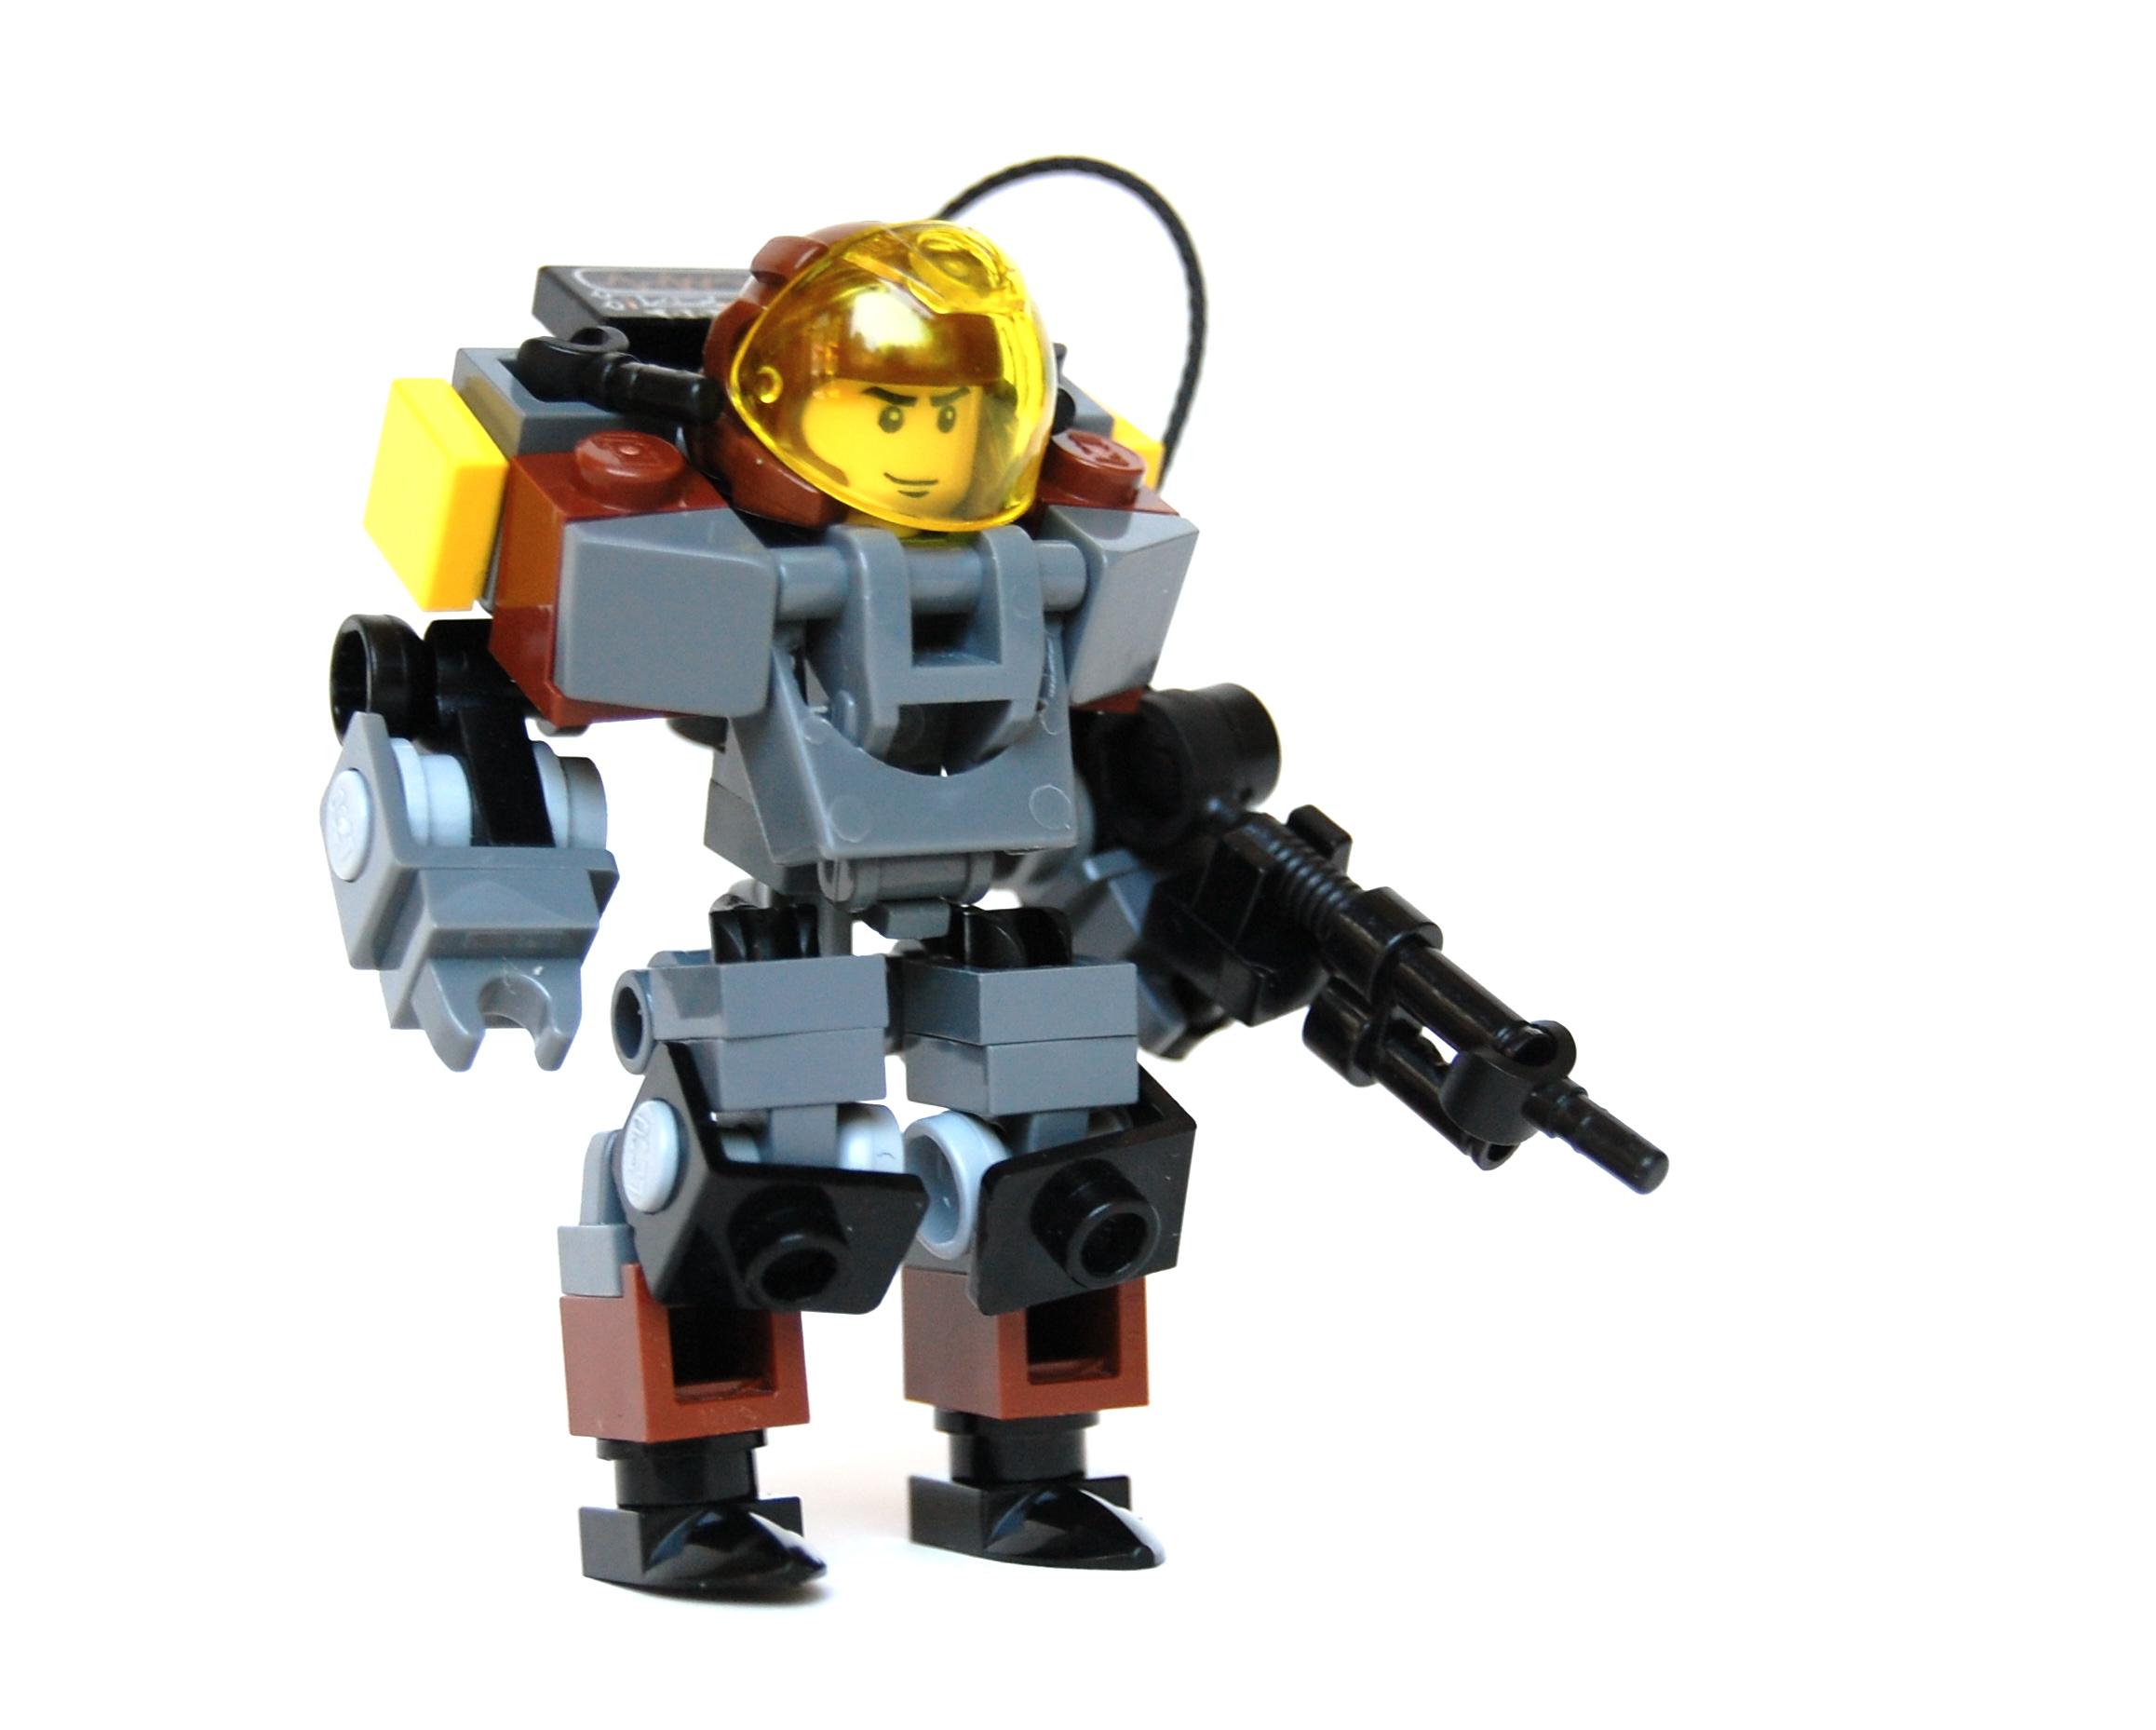 Смотреть лего роботов картинки